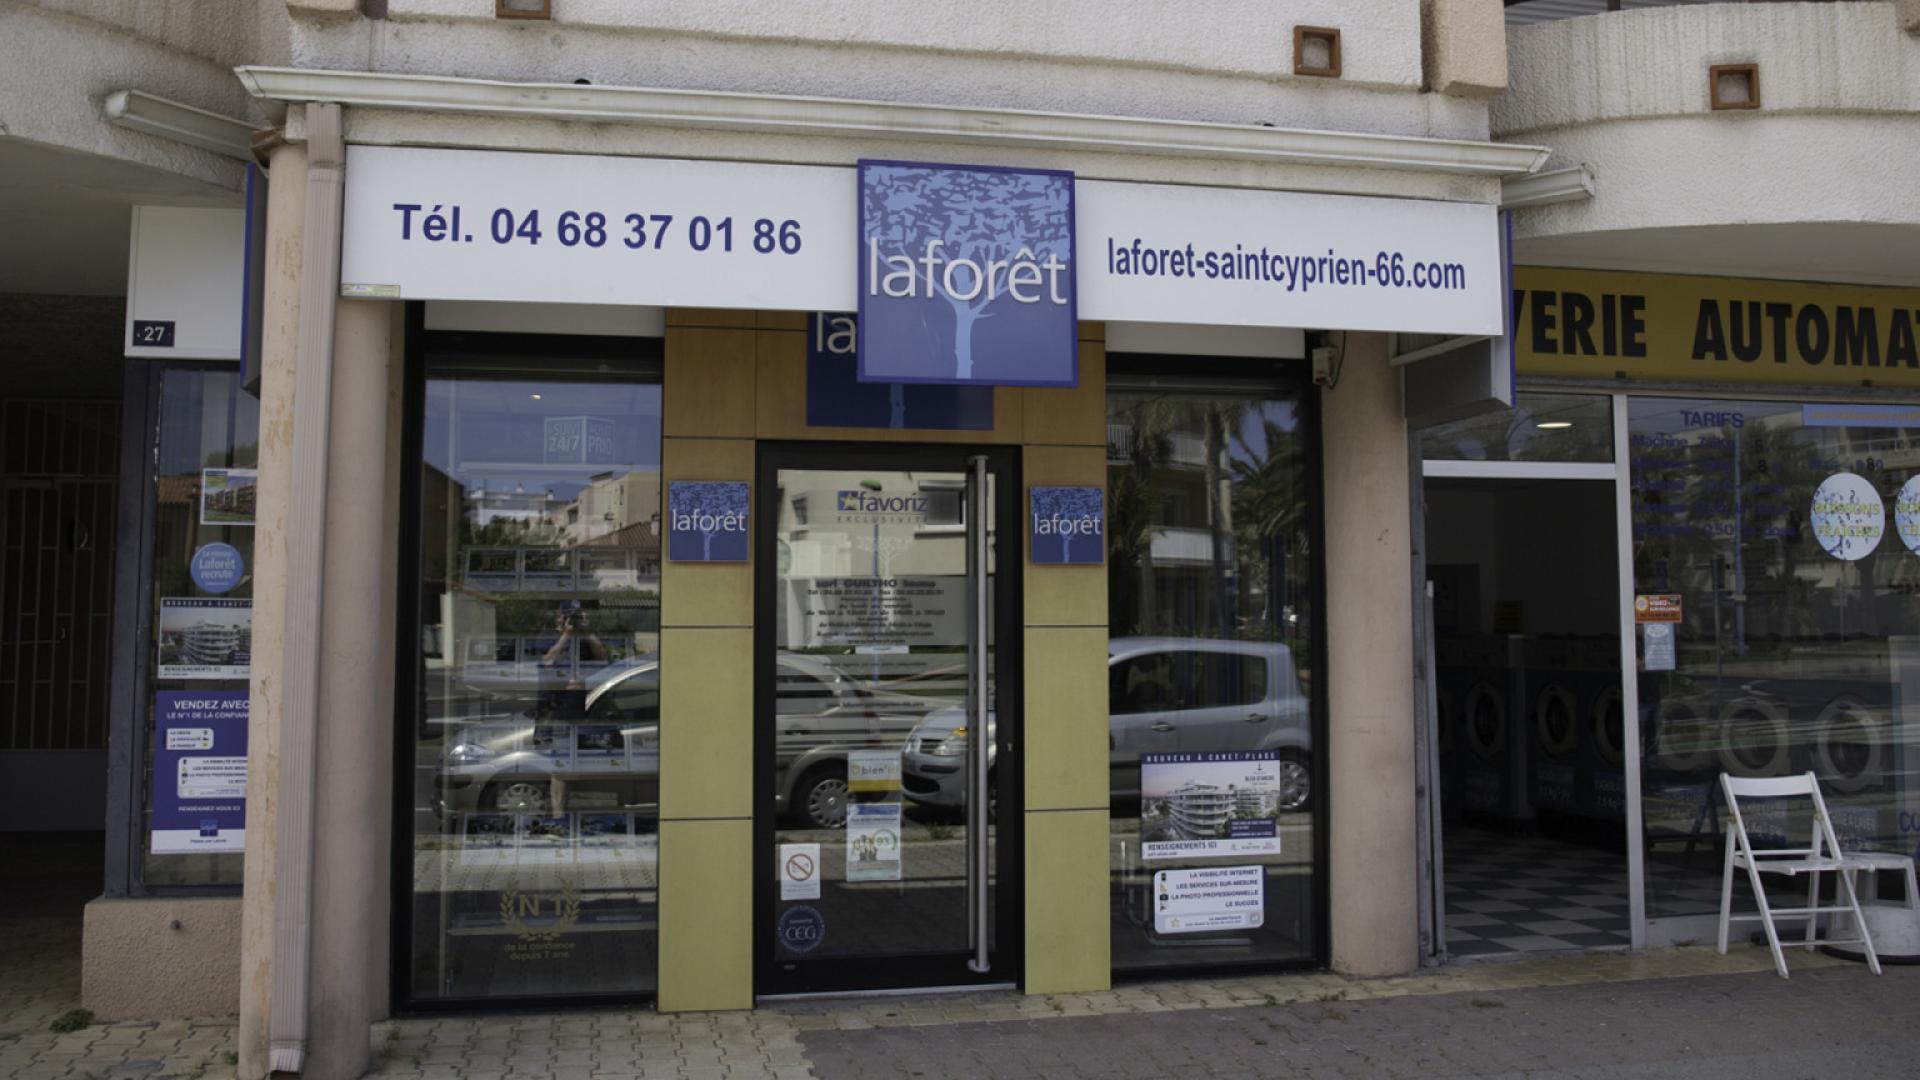 Laforet immobilier sarl guiltho immo agences immobili res office de tourisme de saint cyprien - Agence du port saint cyprien ...